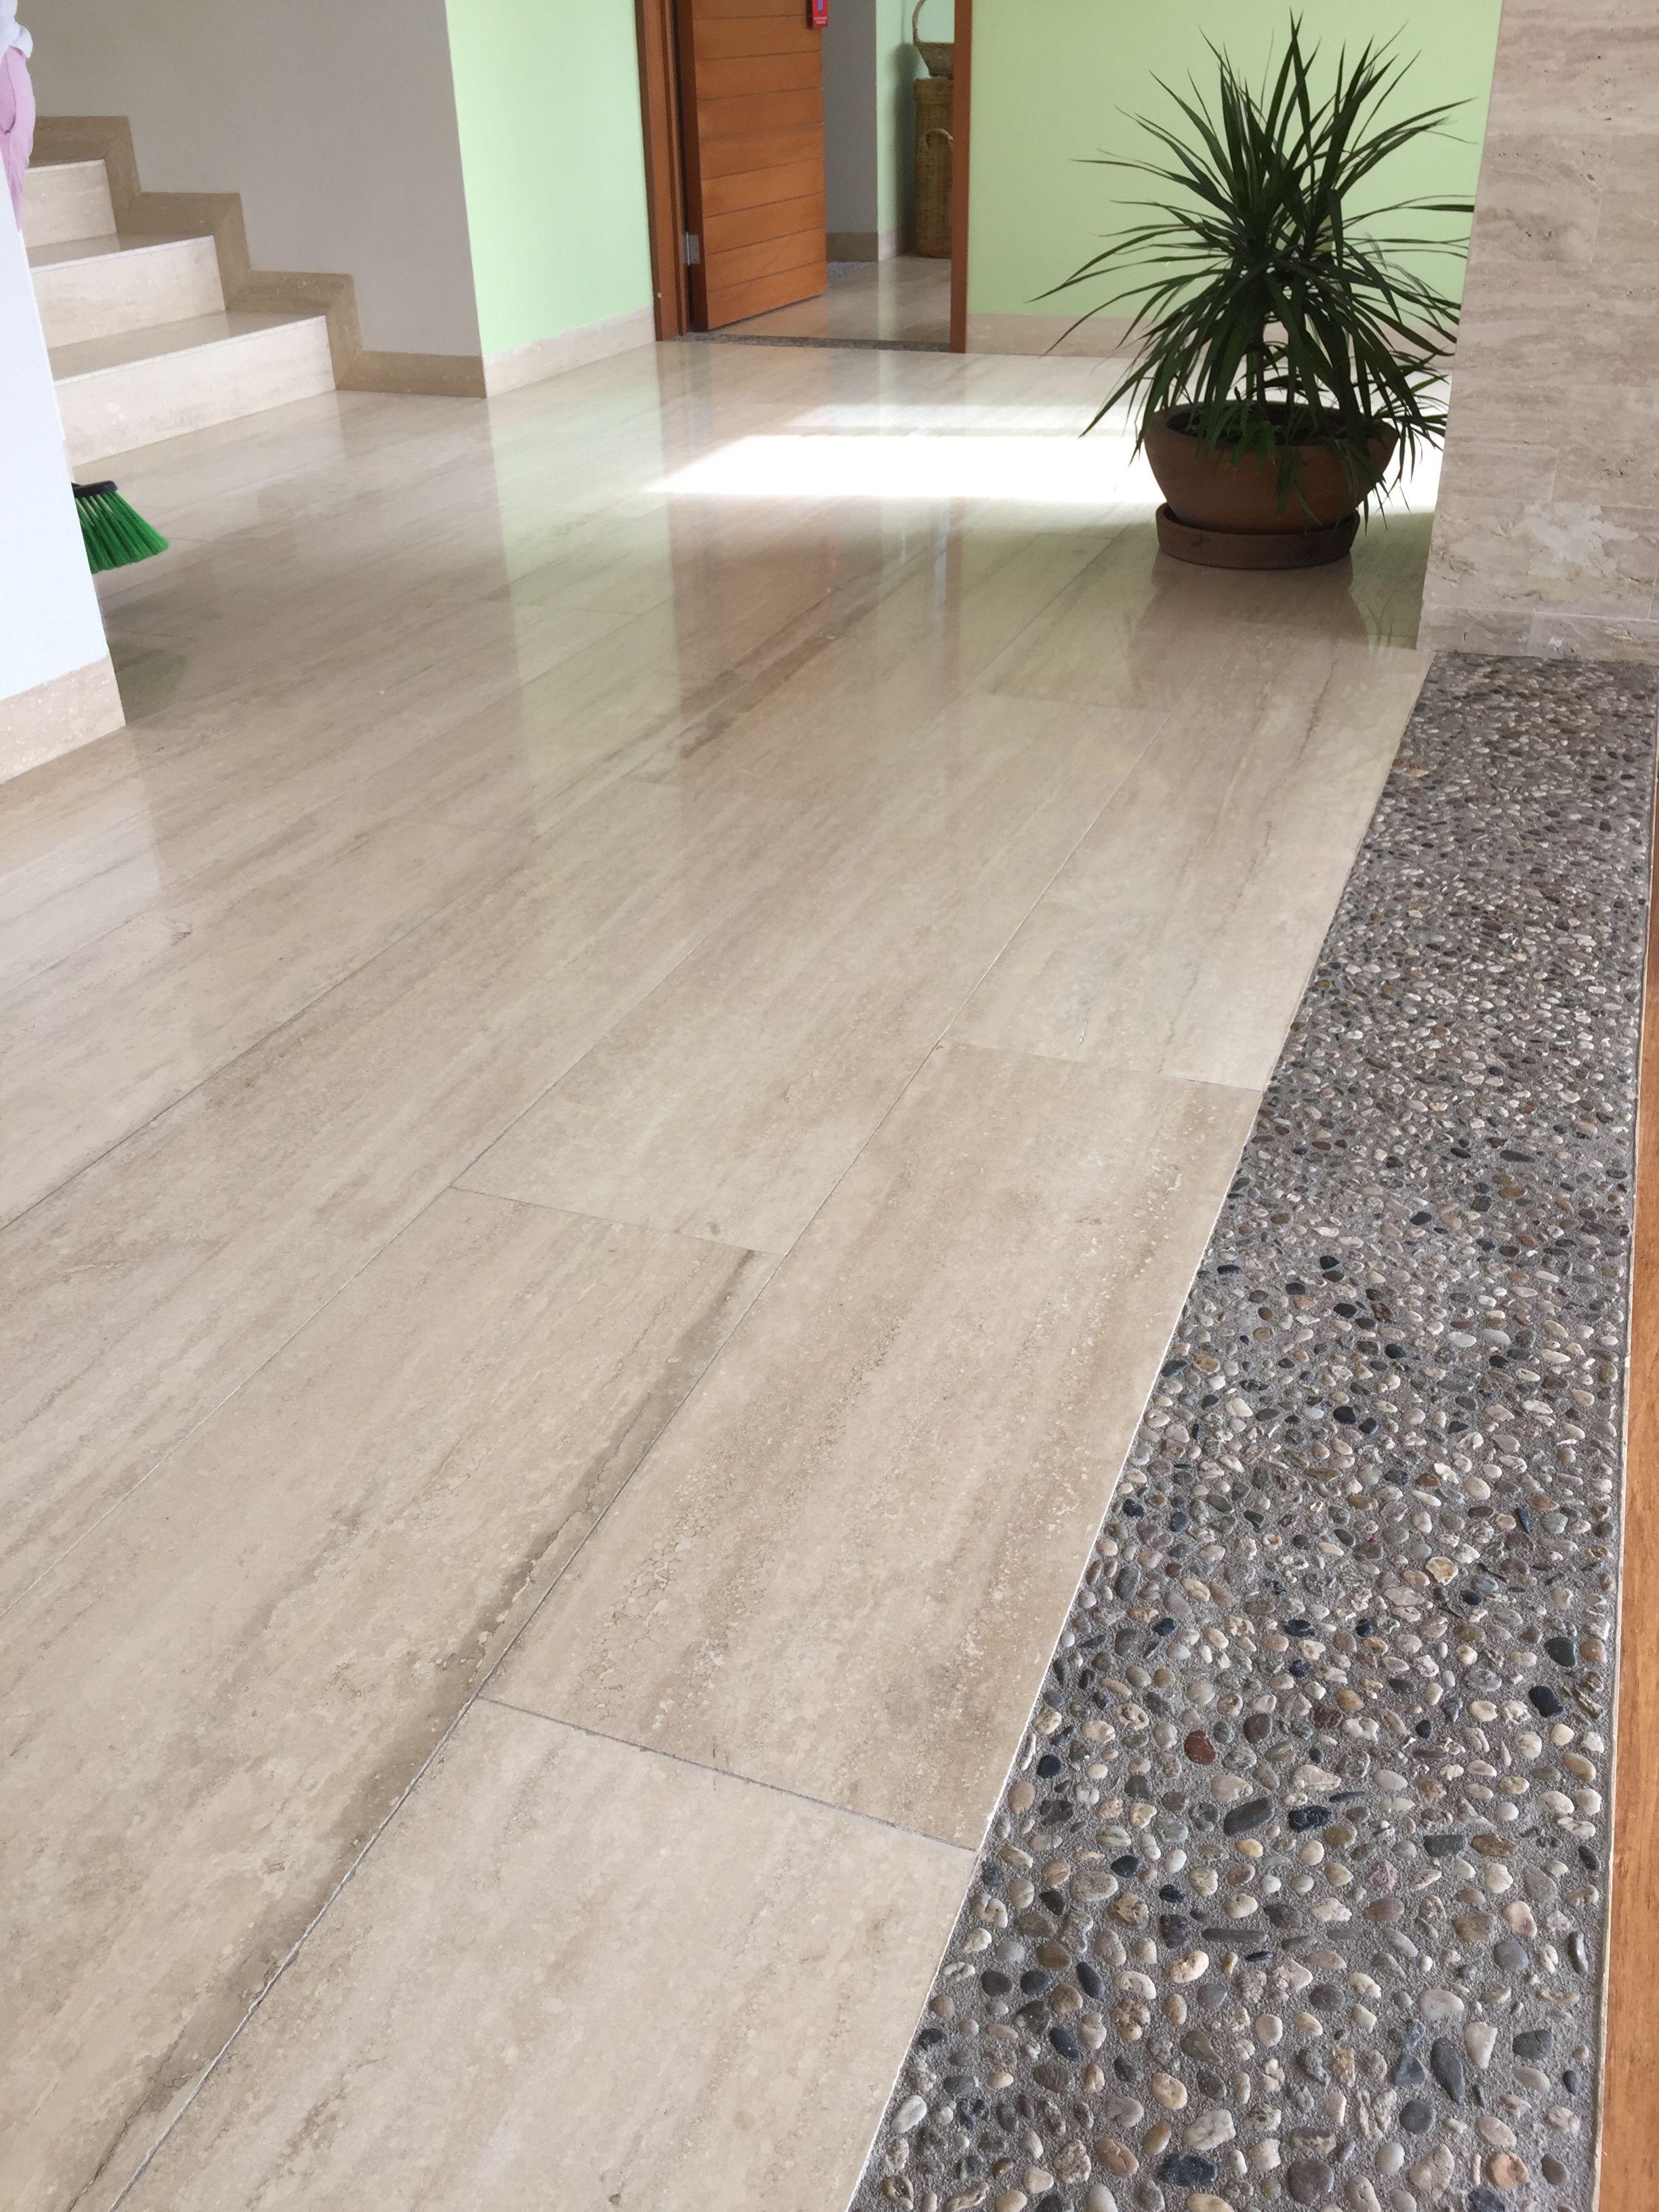 Peque a vivienda estilo tradicional exteriores r sticos e for Con que se limpia el marmol